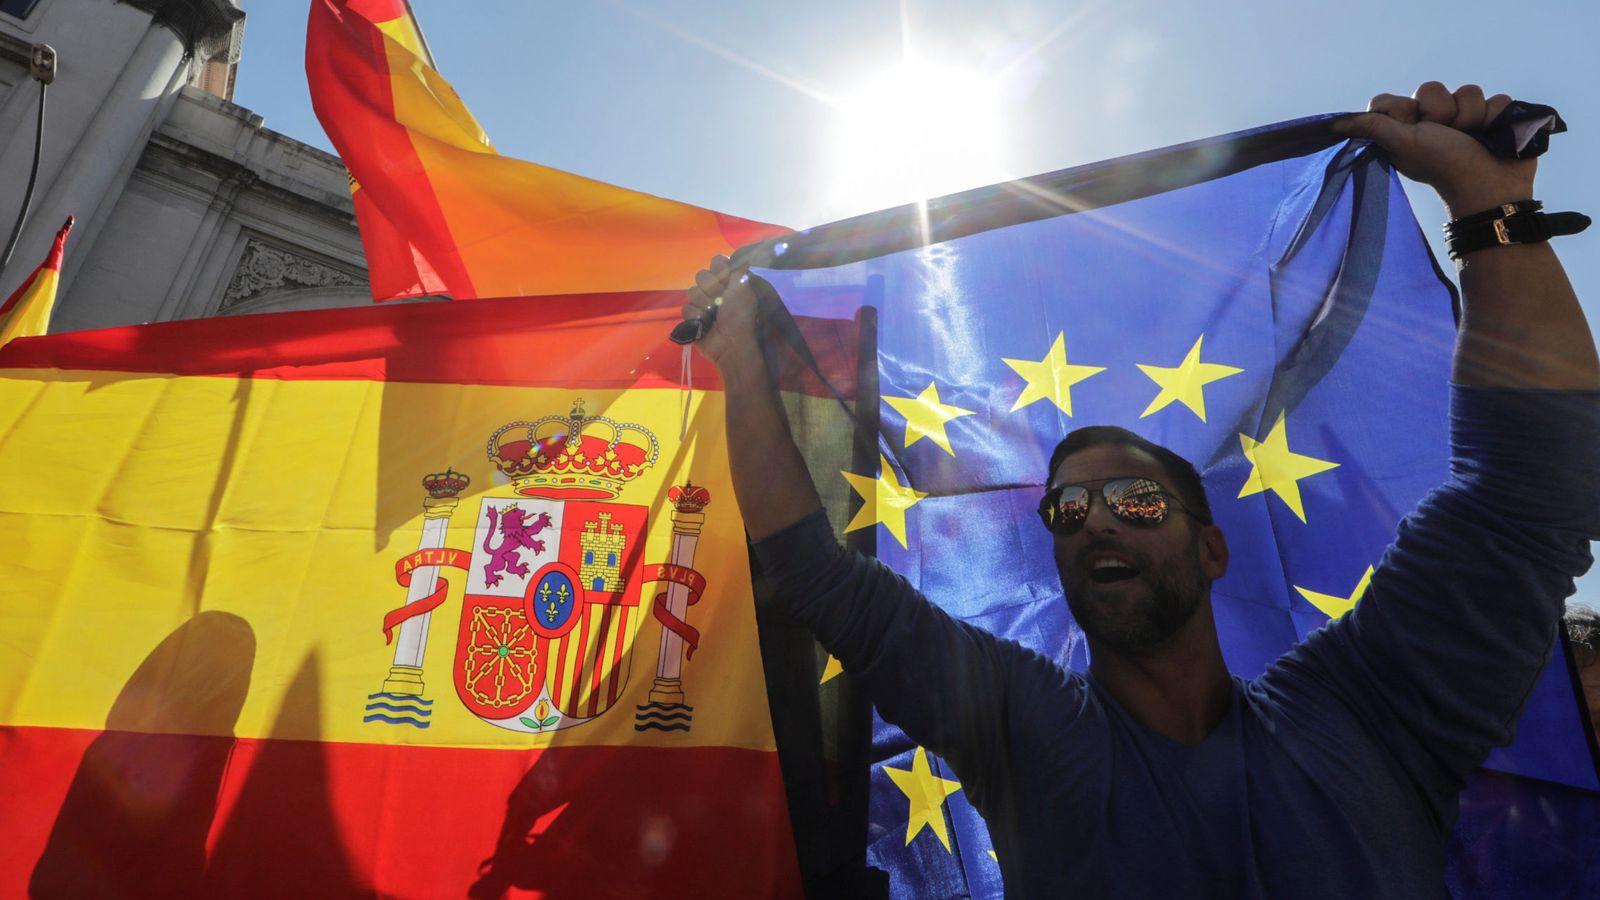 Foto: Un hombre con la bandera española y la de la Unión Europea. (Reuters)